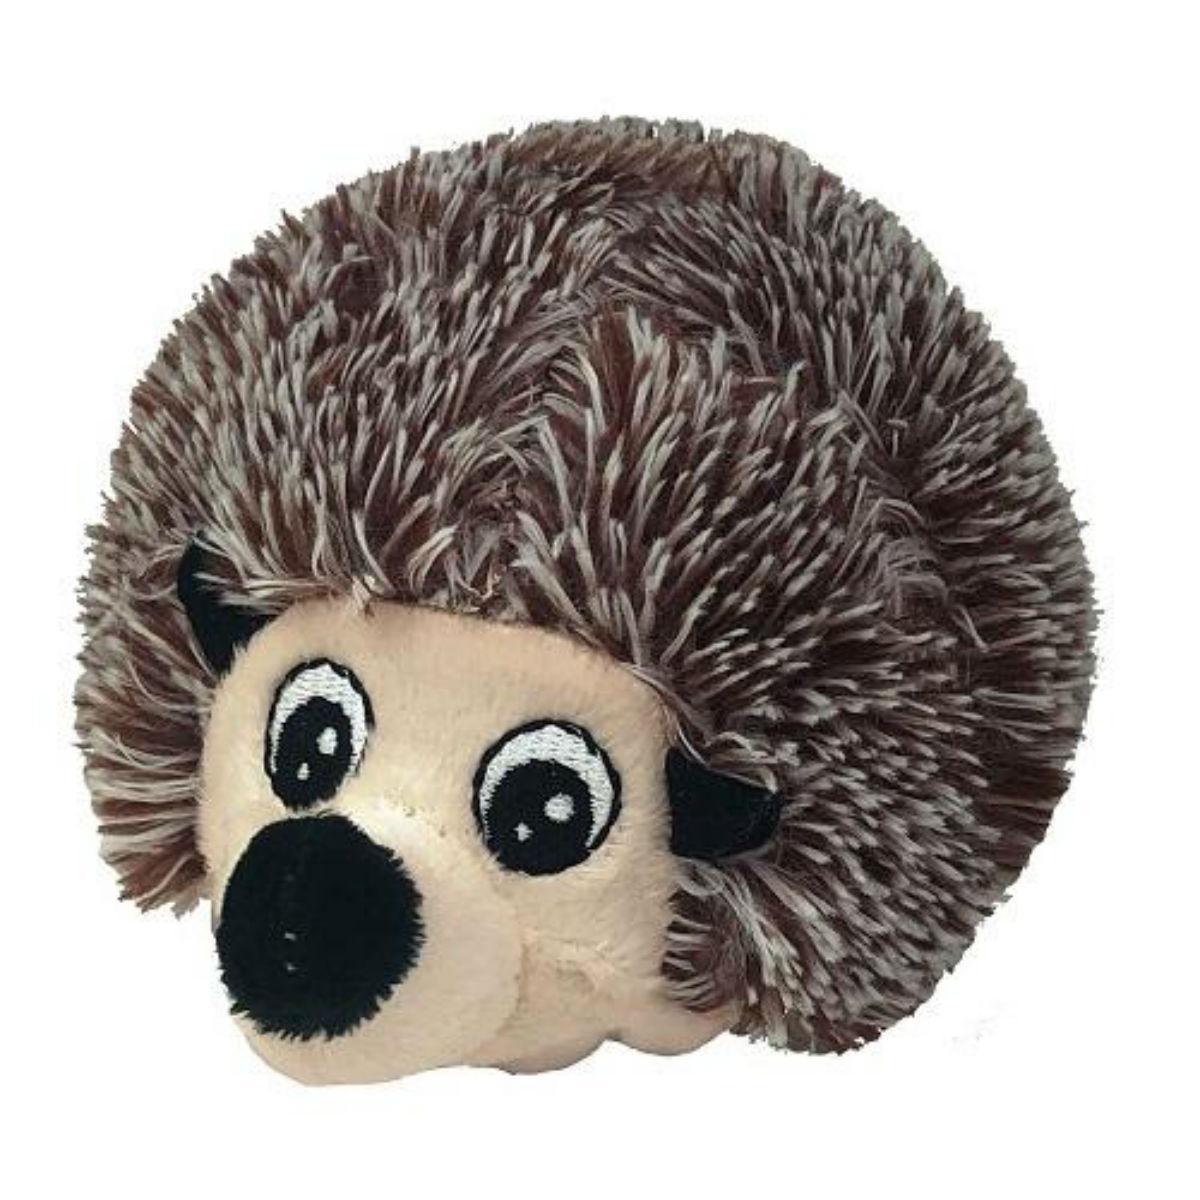 PetLou EZ Squeaky Hedgehog Dog Toy